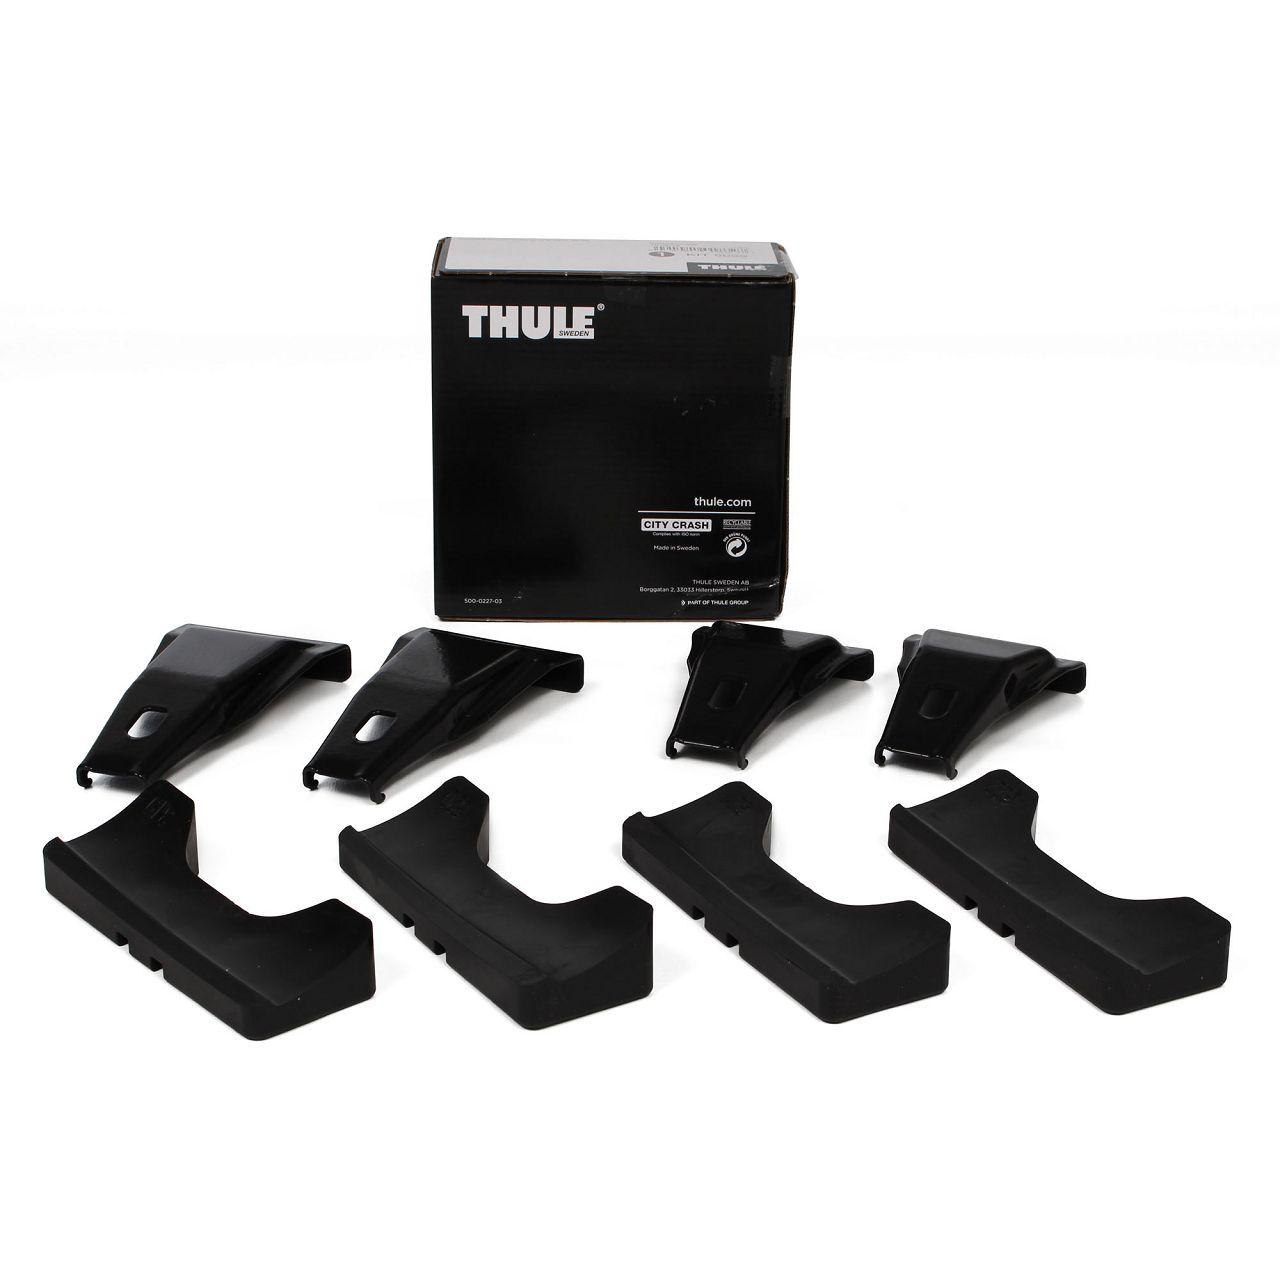 THULE Kit 5099 Montagesatz Montagekit Dachträger TOYOTA Corolla Verso